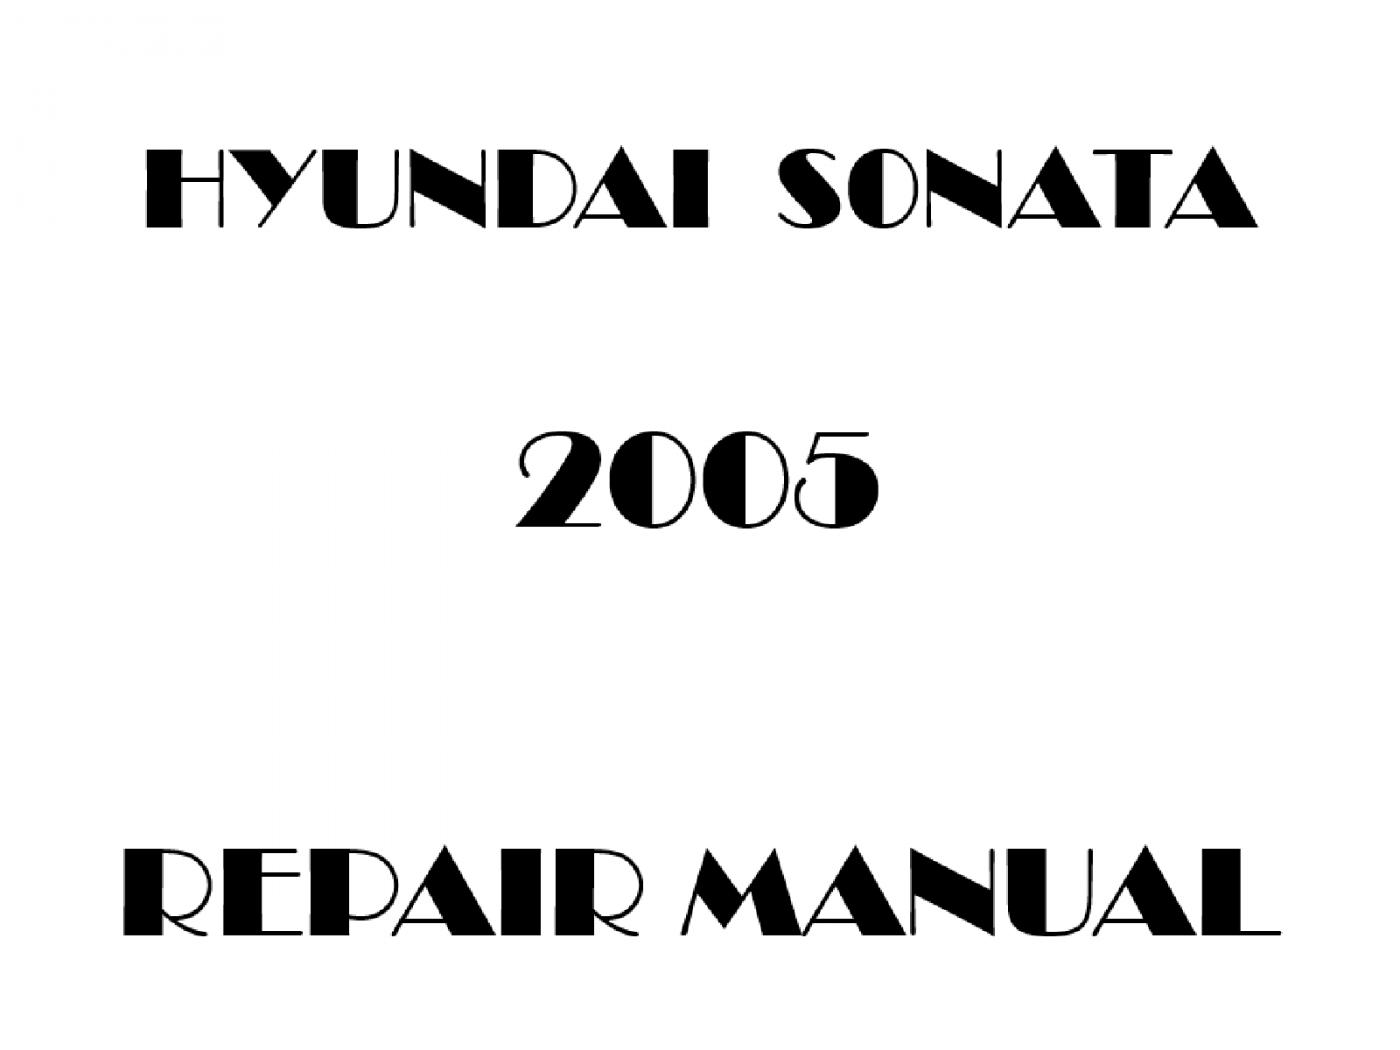 2005 Hyundai Sonata repair manual